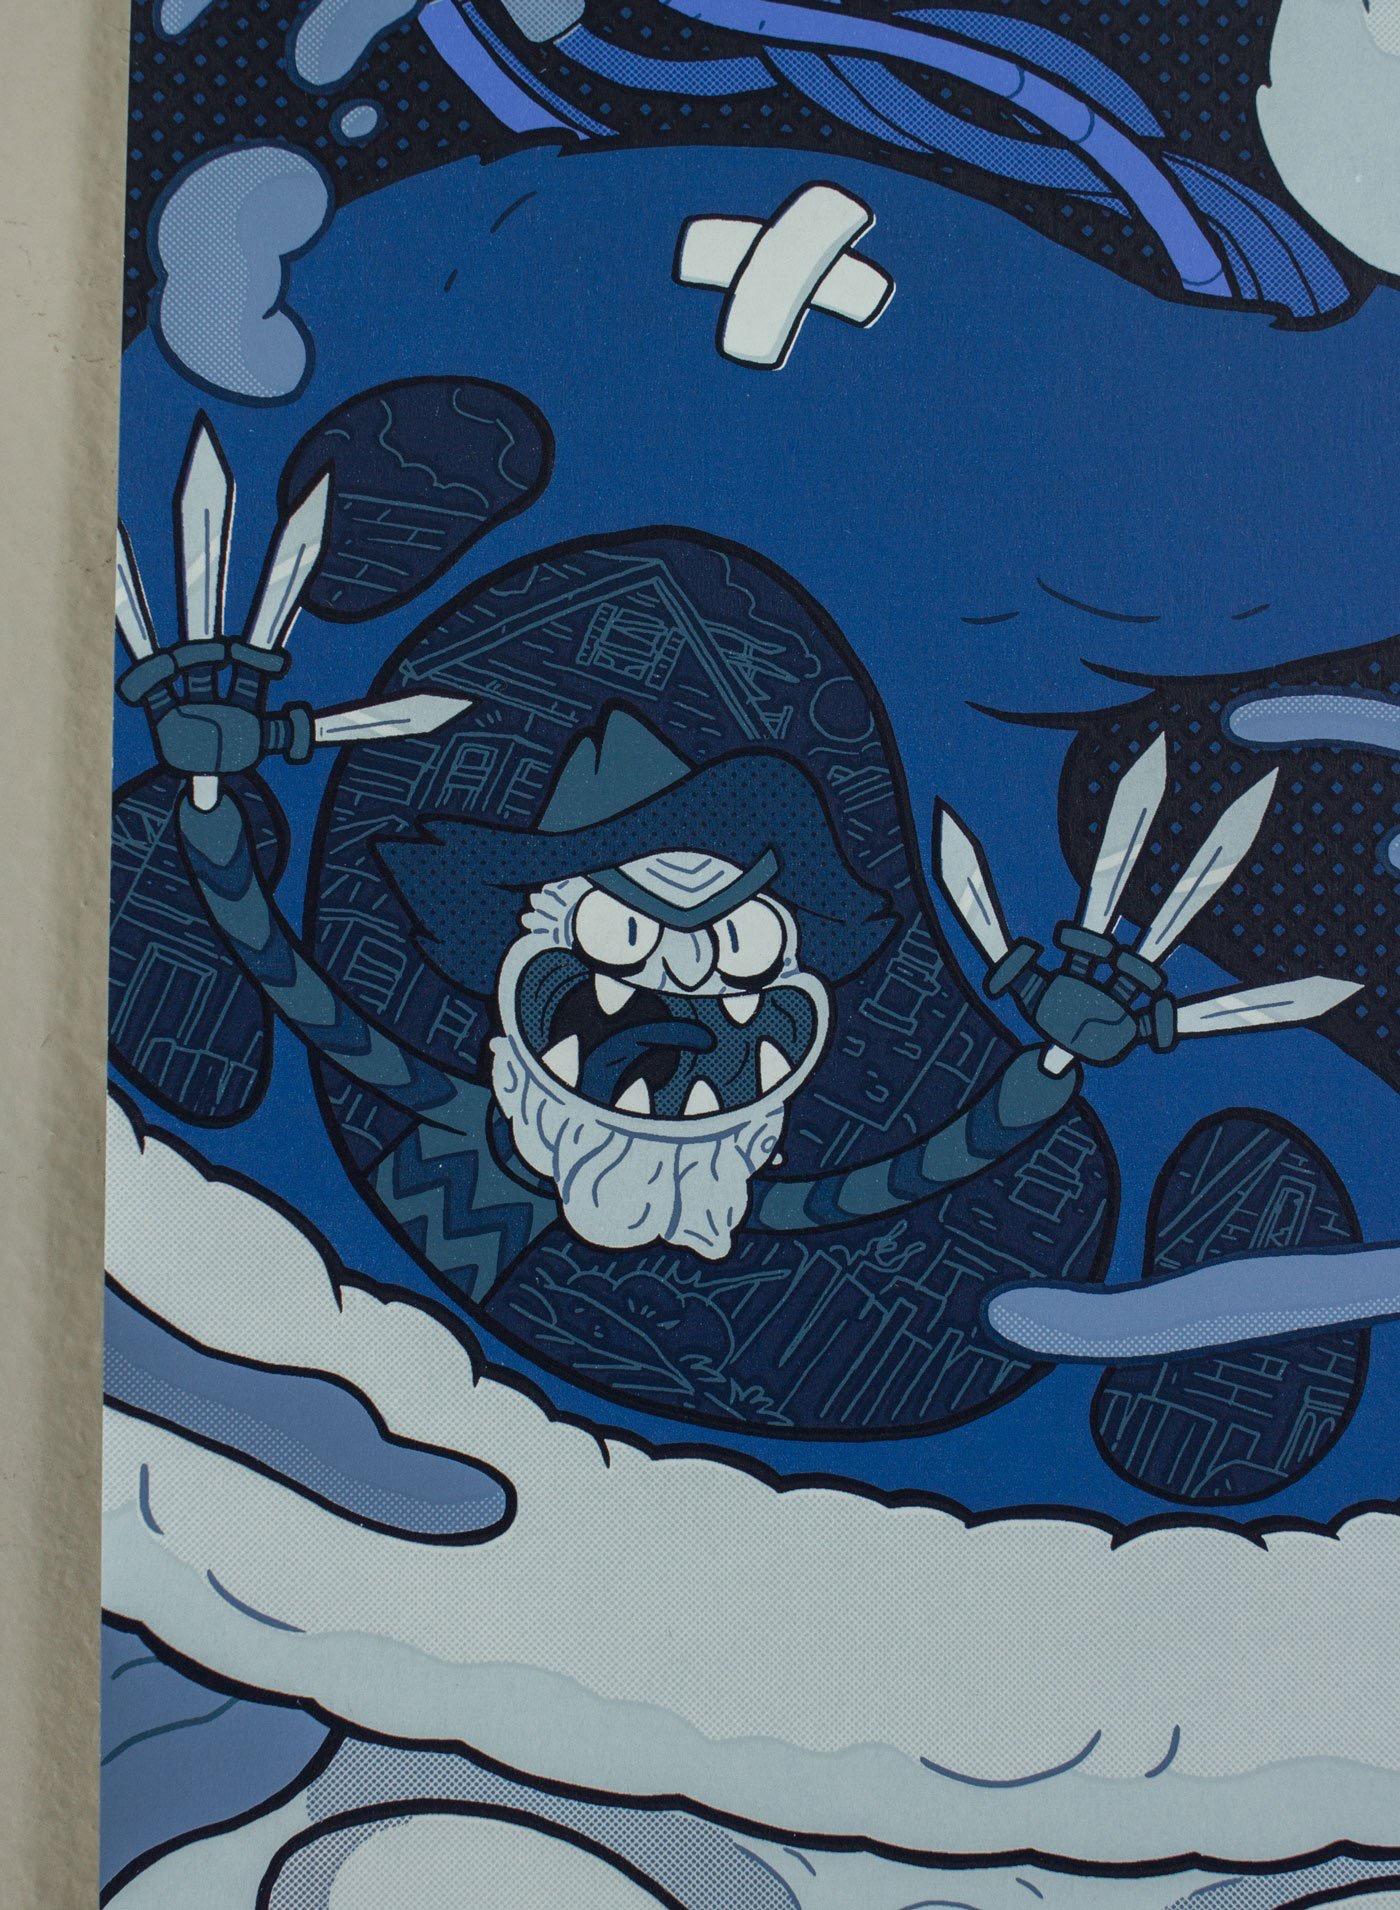 Rick and Morty: Season 1 - Artist Variant (Detail Shot)